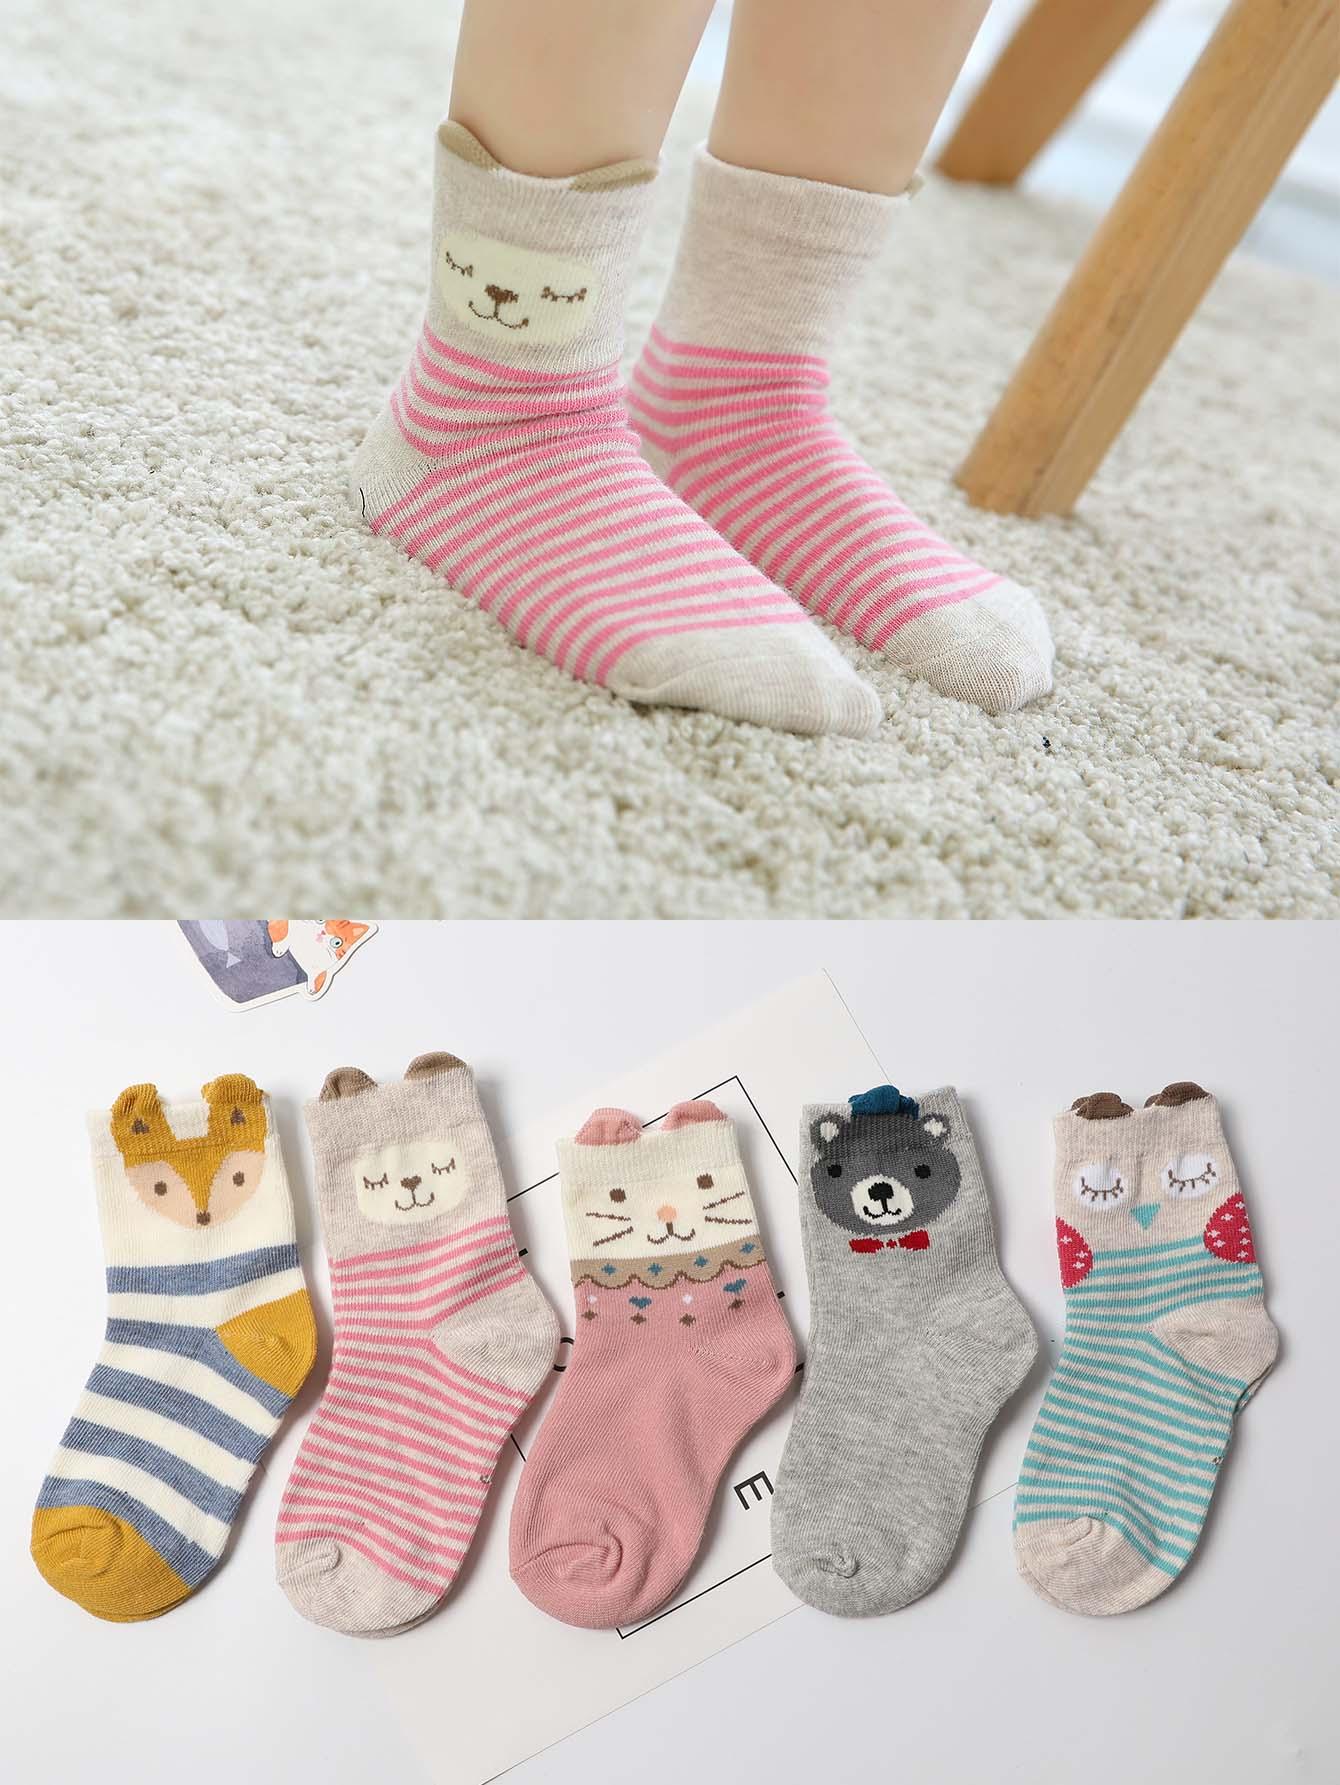 兒童卡通襪子5雙 | SHEIN臺灣